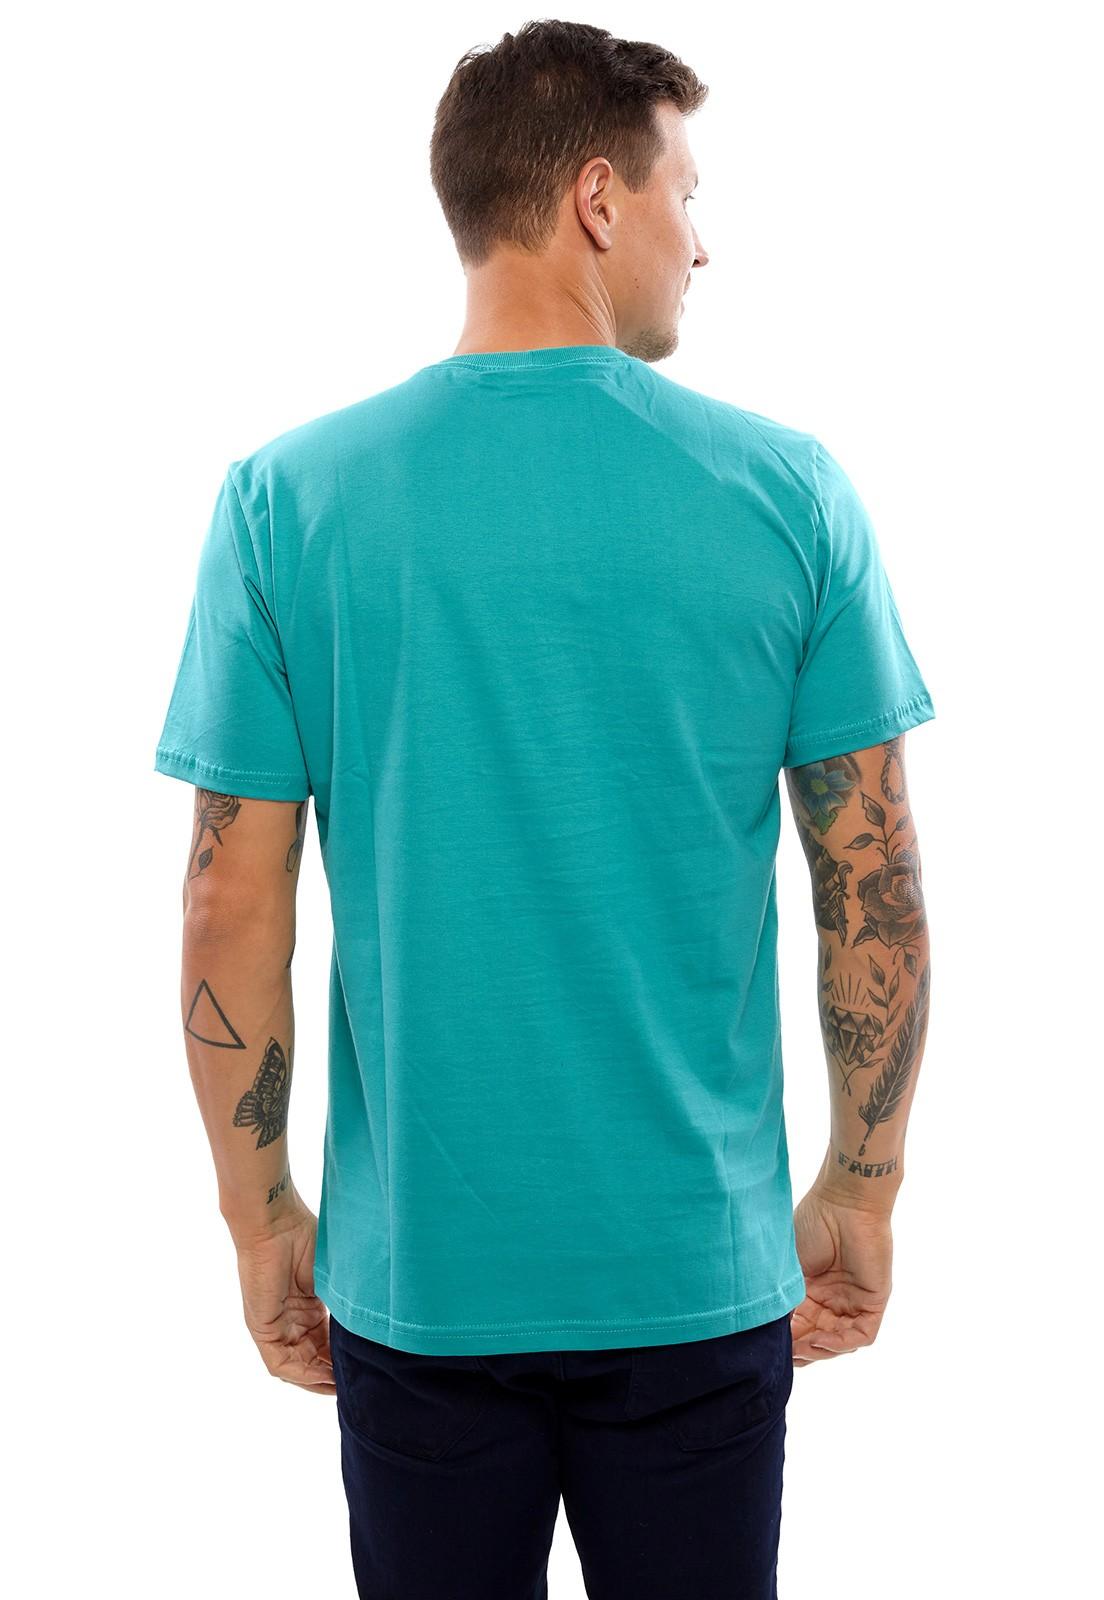 Camiseta Vida Marinha Manga Curta Azul Tiffany